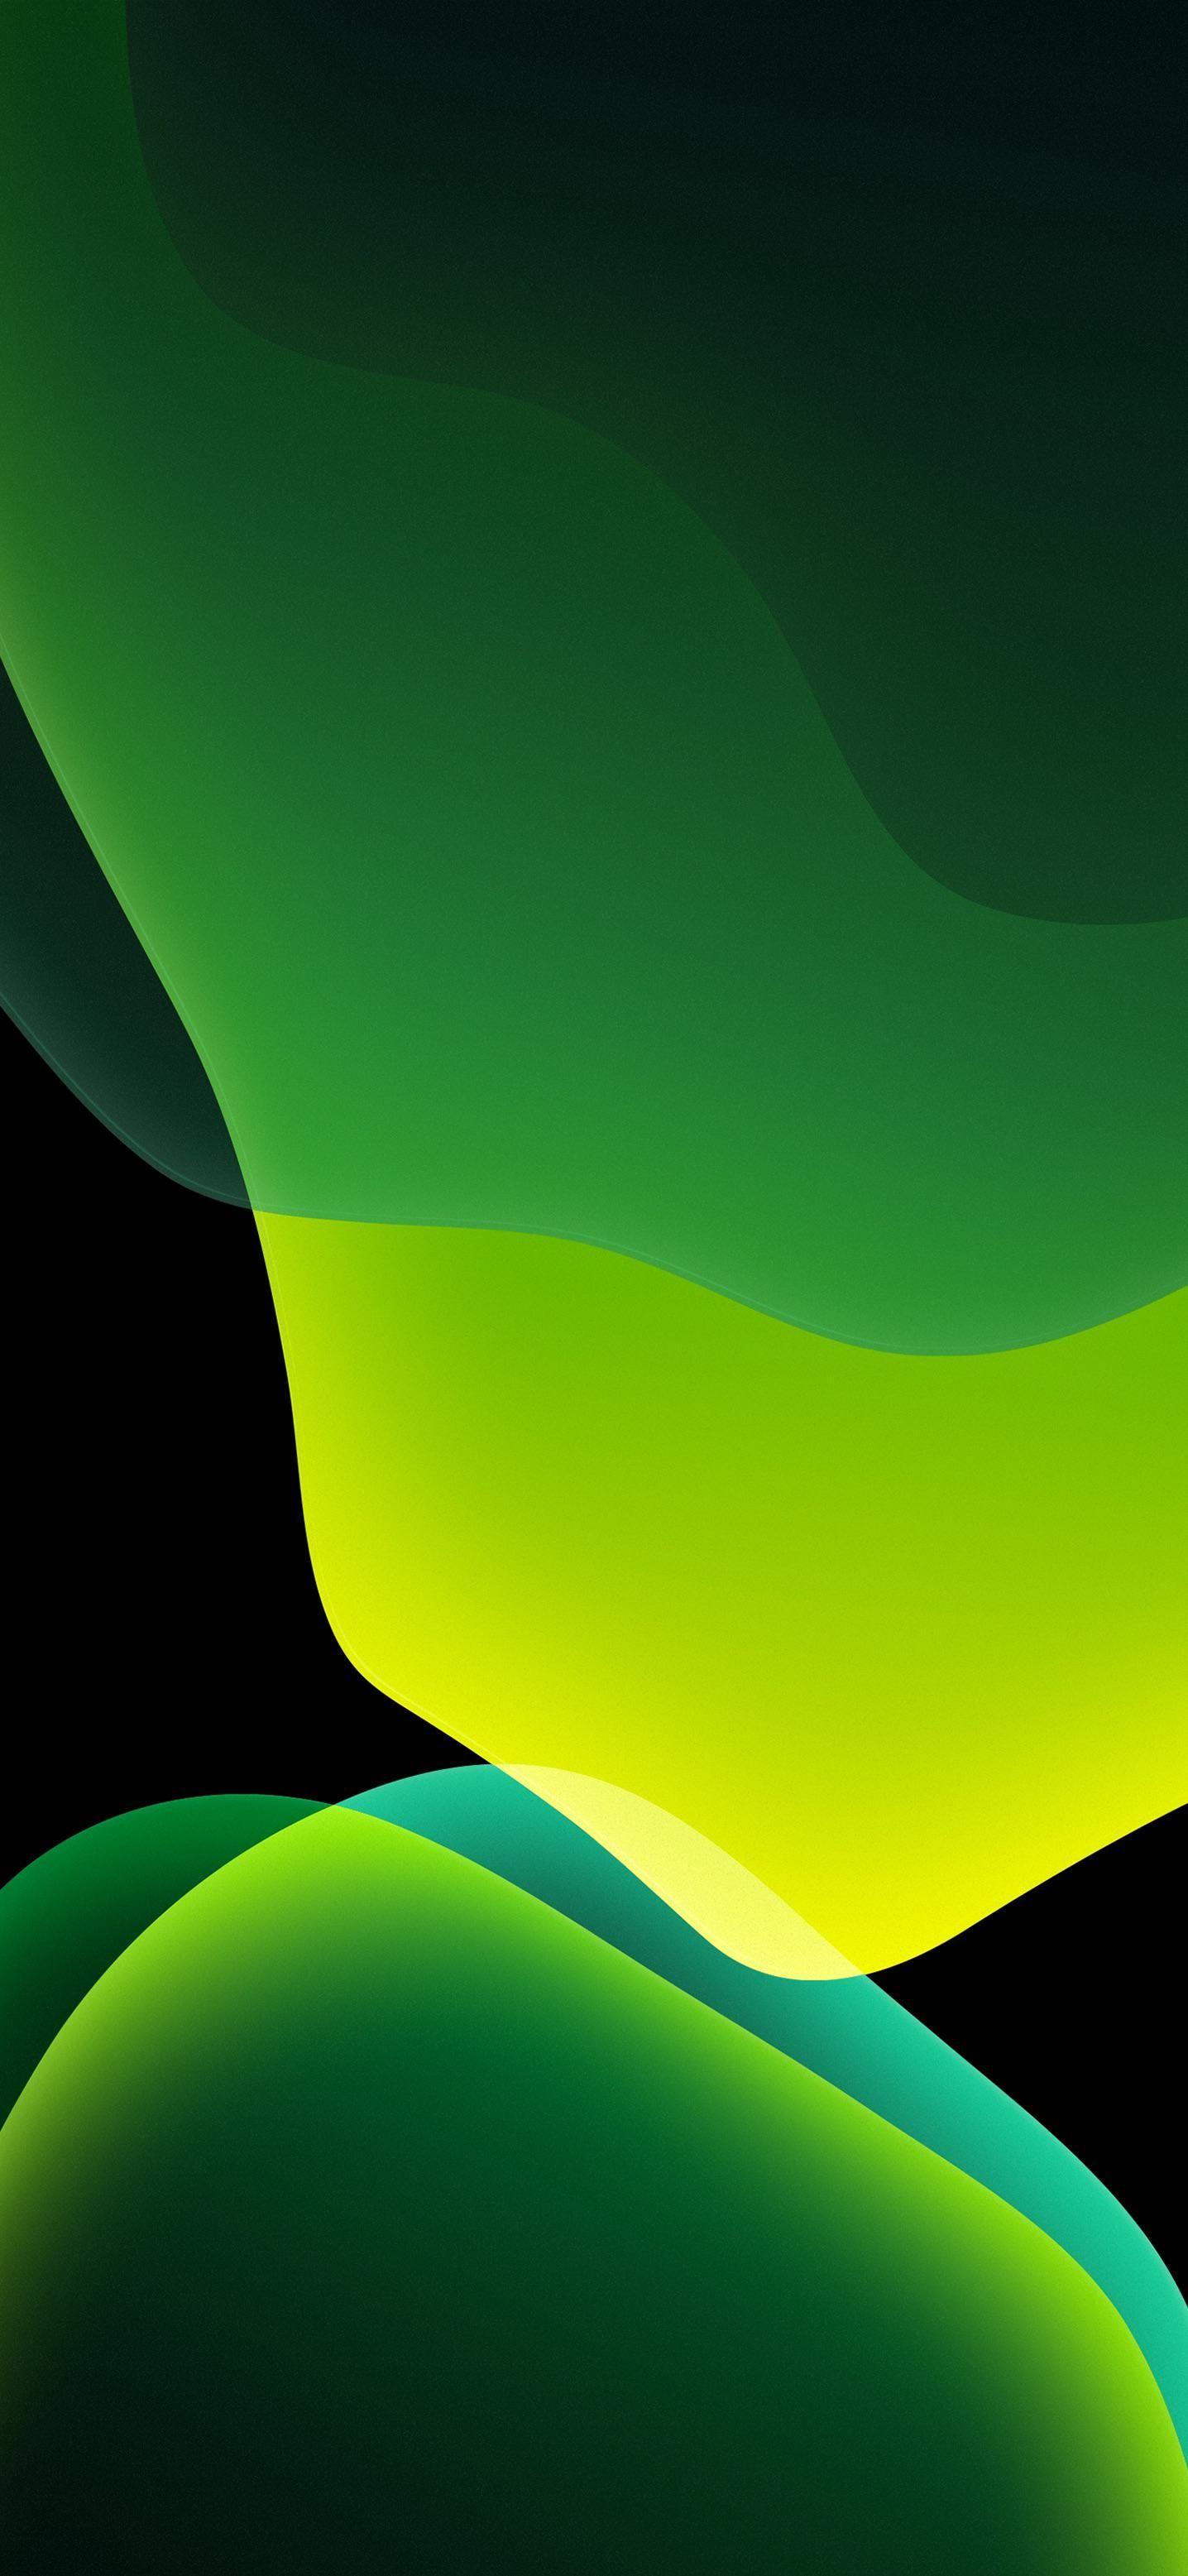 iOS 13, iPhone X, XS, XR, XS Max, green, black, dark